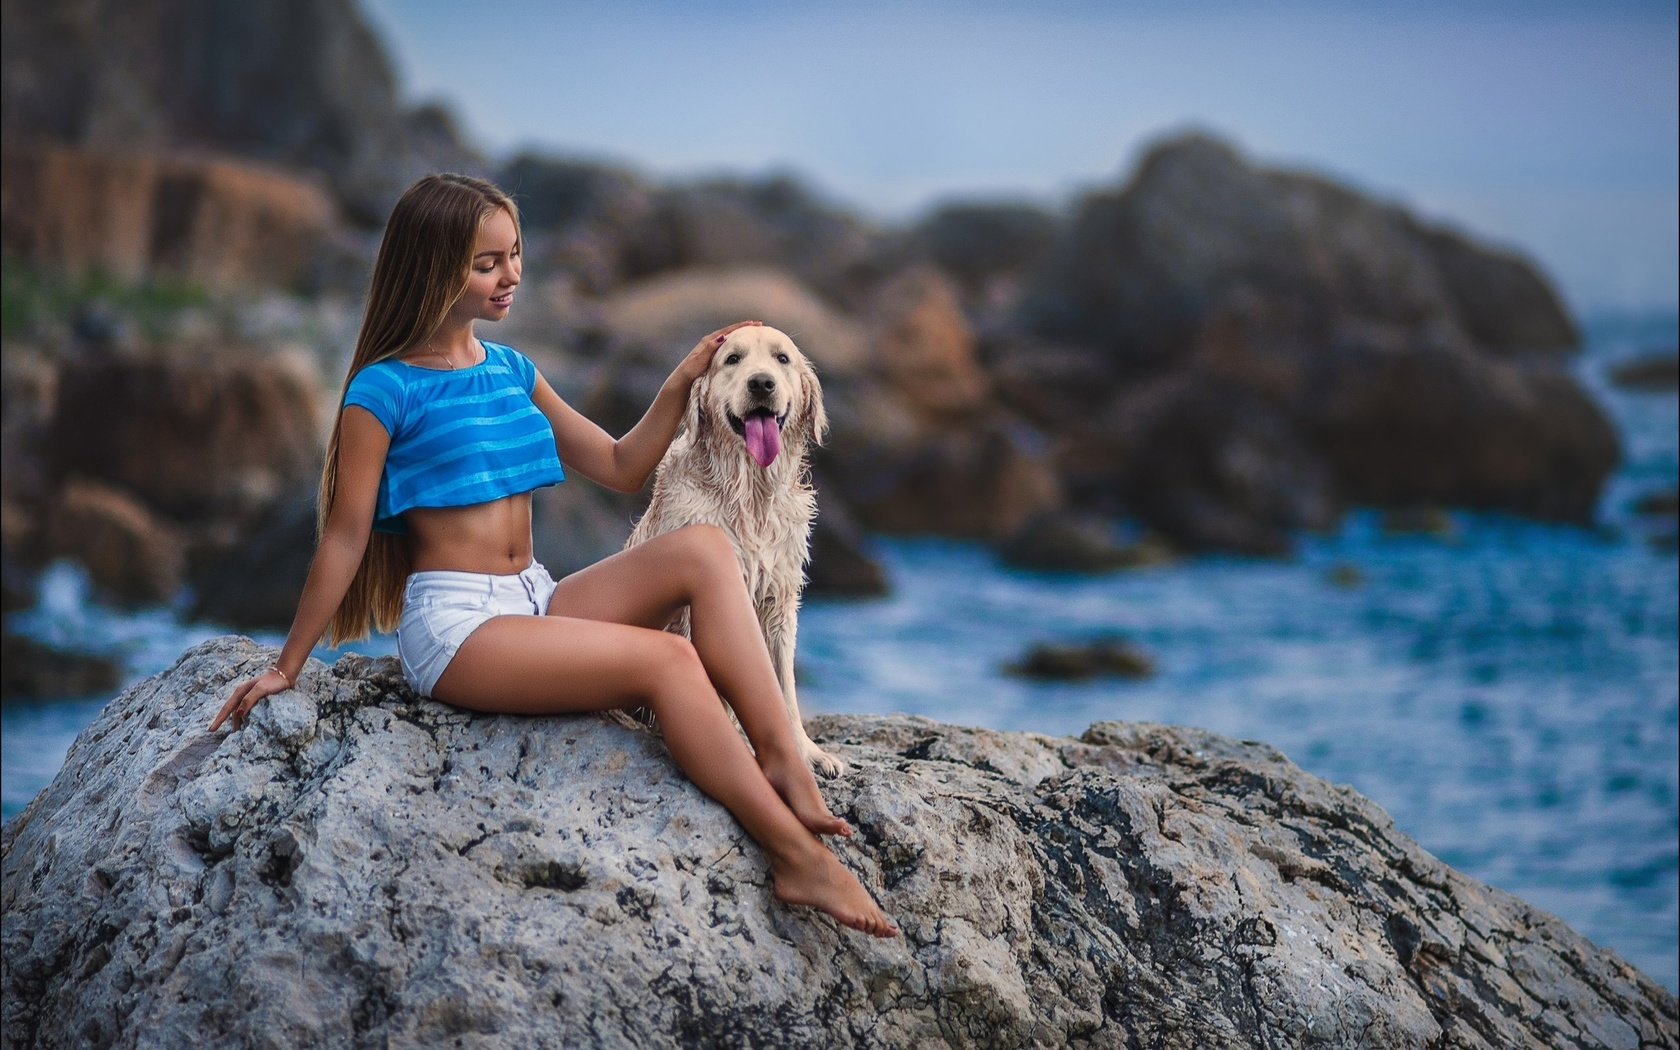 девушка, длинные волосы, красивая, пес, море, камни, настроение, фото, латиш алексей